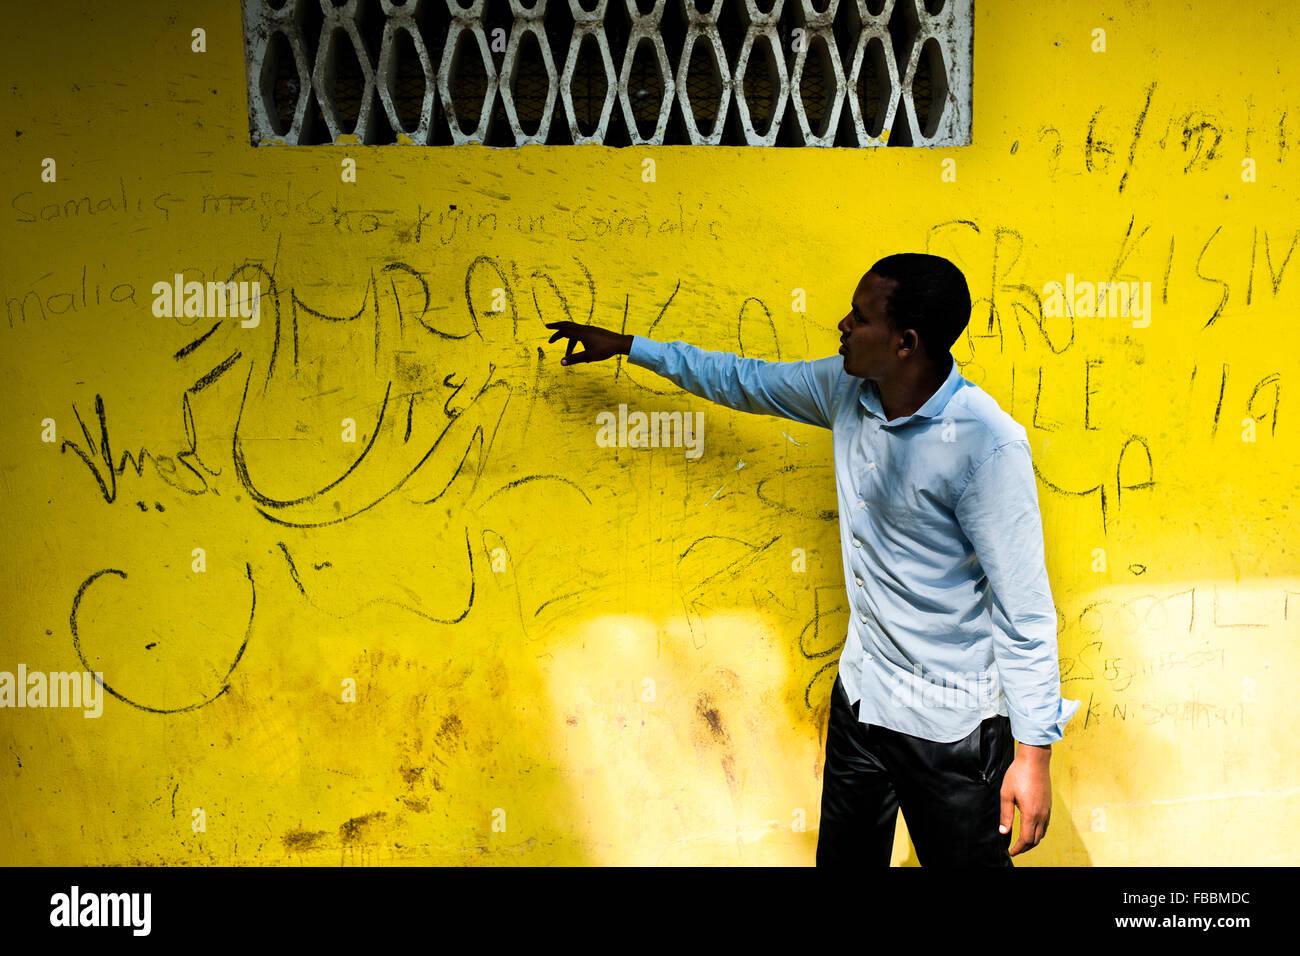 Un giovane immigrato somalo si traduce in arabo script scritti sulla parete del centro di detenzione a Metetí, Immagini Stock